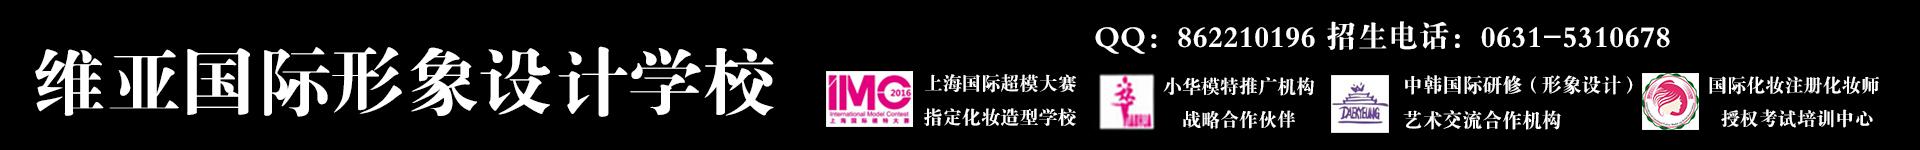 CC国际网投最大幕后人_cc国际跳舞俱乐部_cc国际加盟官网